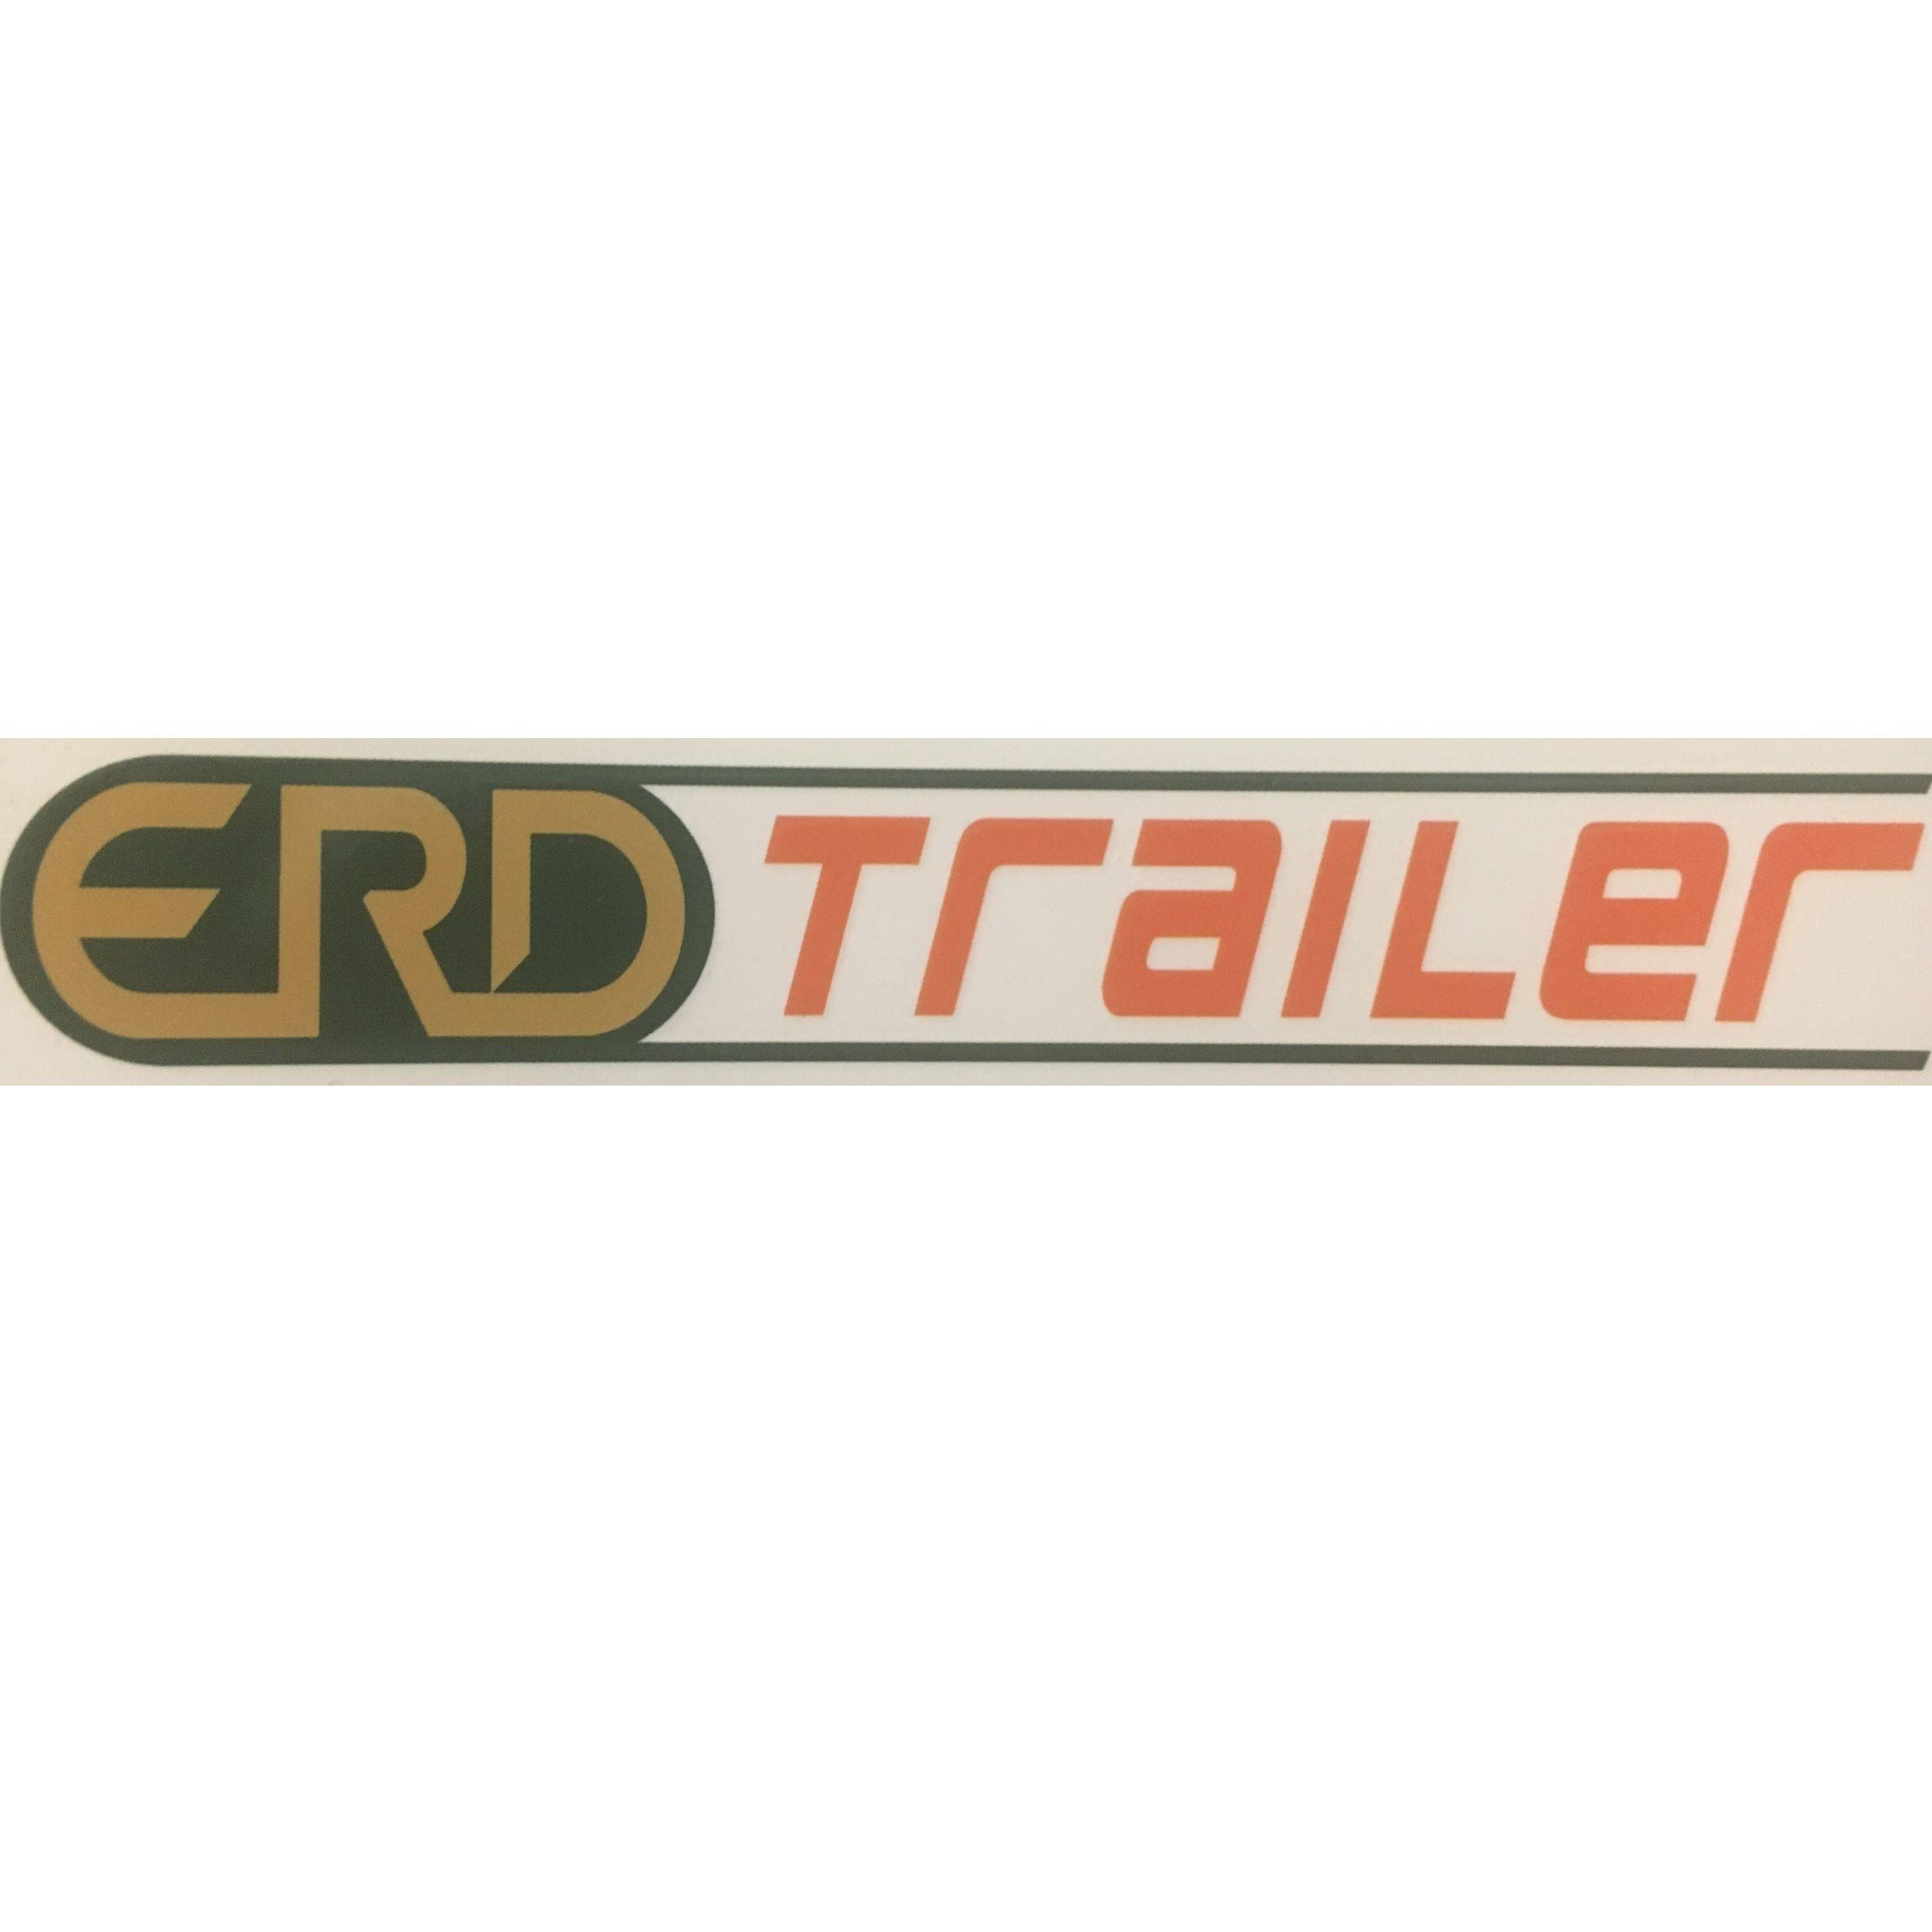 Erd Treyler Makine Sanayi ve Ticaret Ltd. Şti.